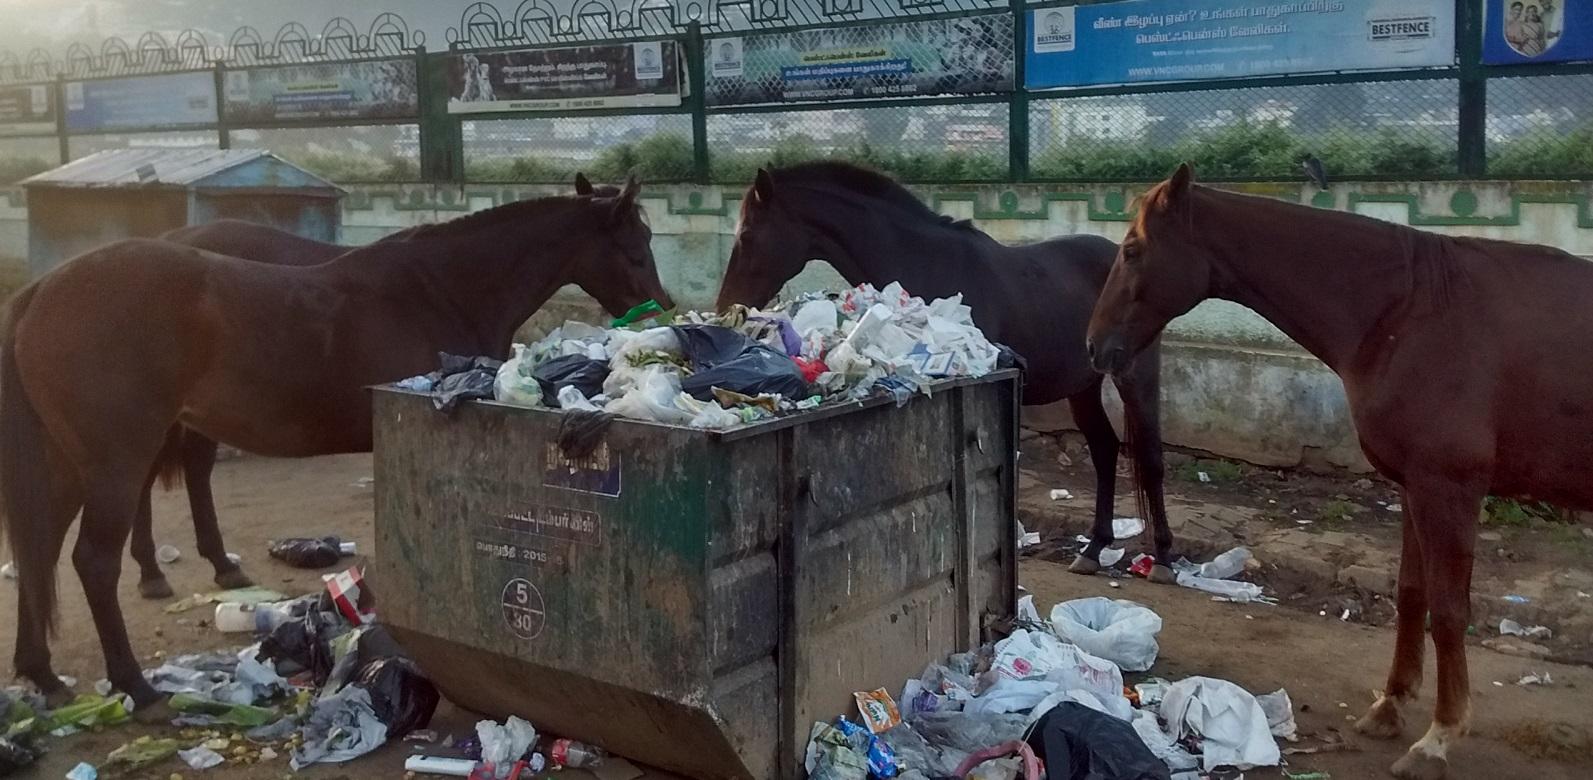 Streundene Pferde suchen im Müll nach Futter